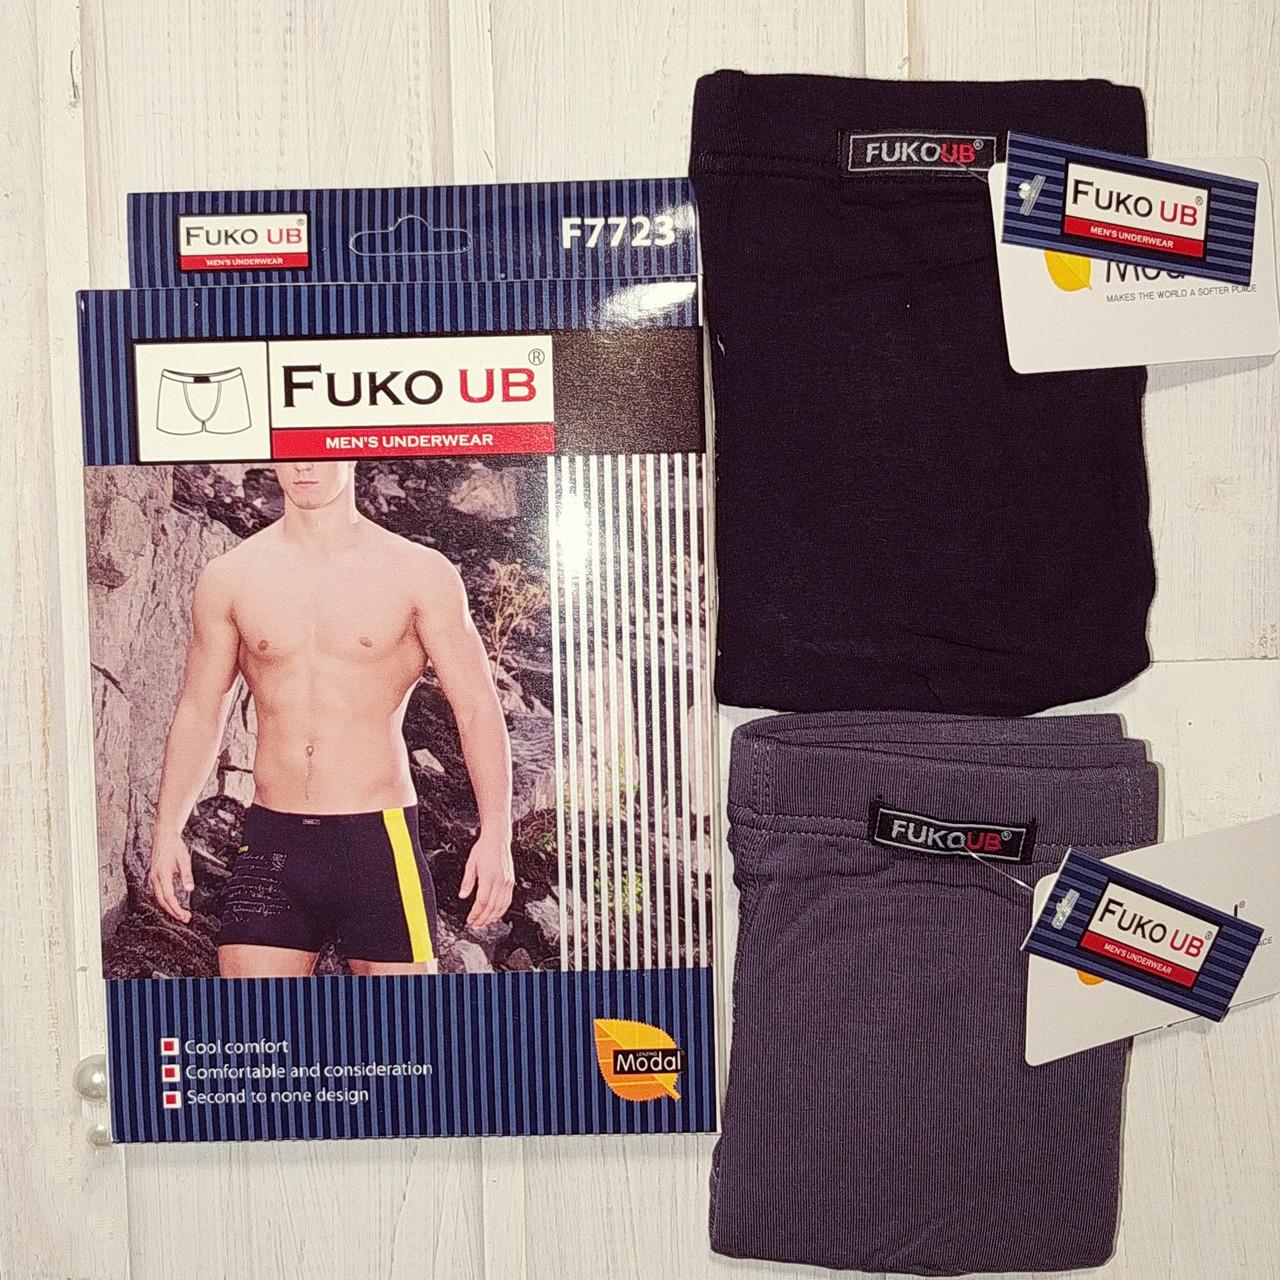 Трусы шорты боксеры Fuko Ub 7723 комплект 2шт XL серый черный